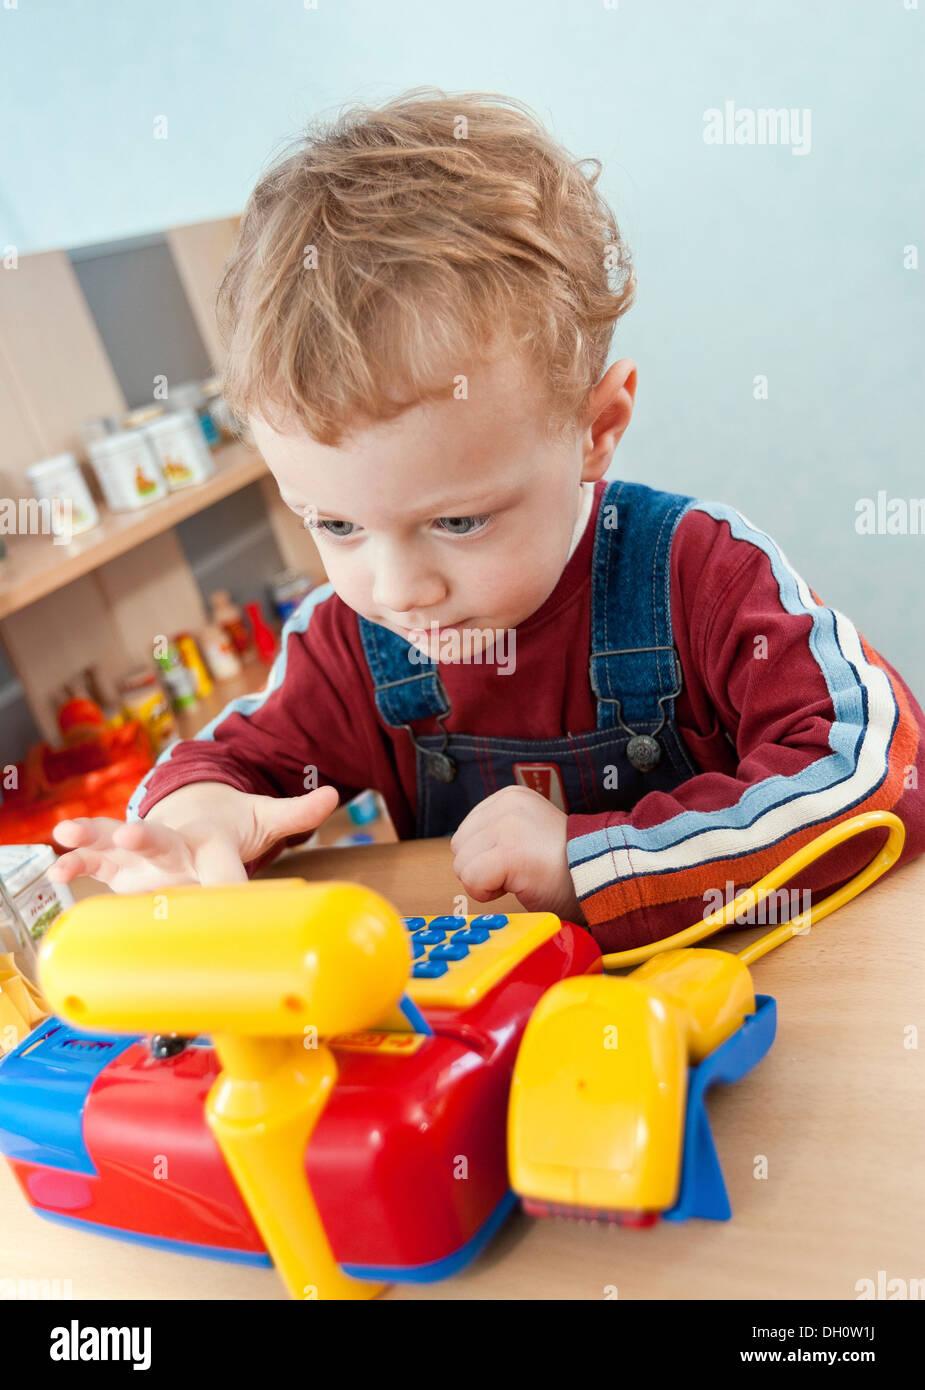 Junge, 2, das Spiel mit der Registrierkasse ein Spielzeug-Lebensmittelgeschäft Stockbild